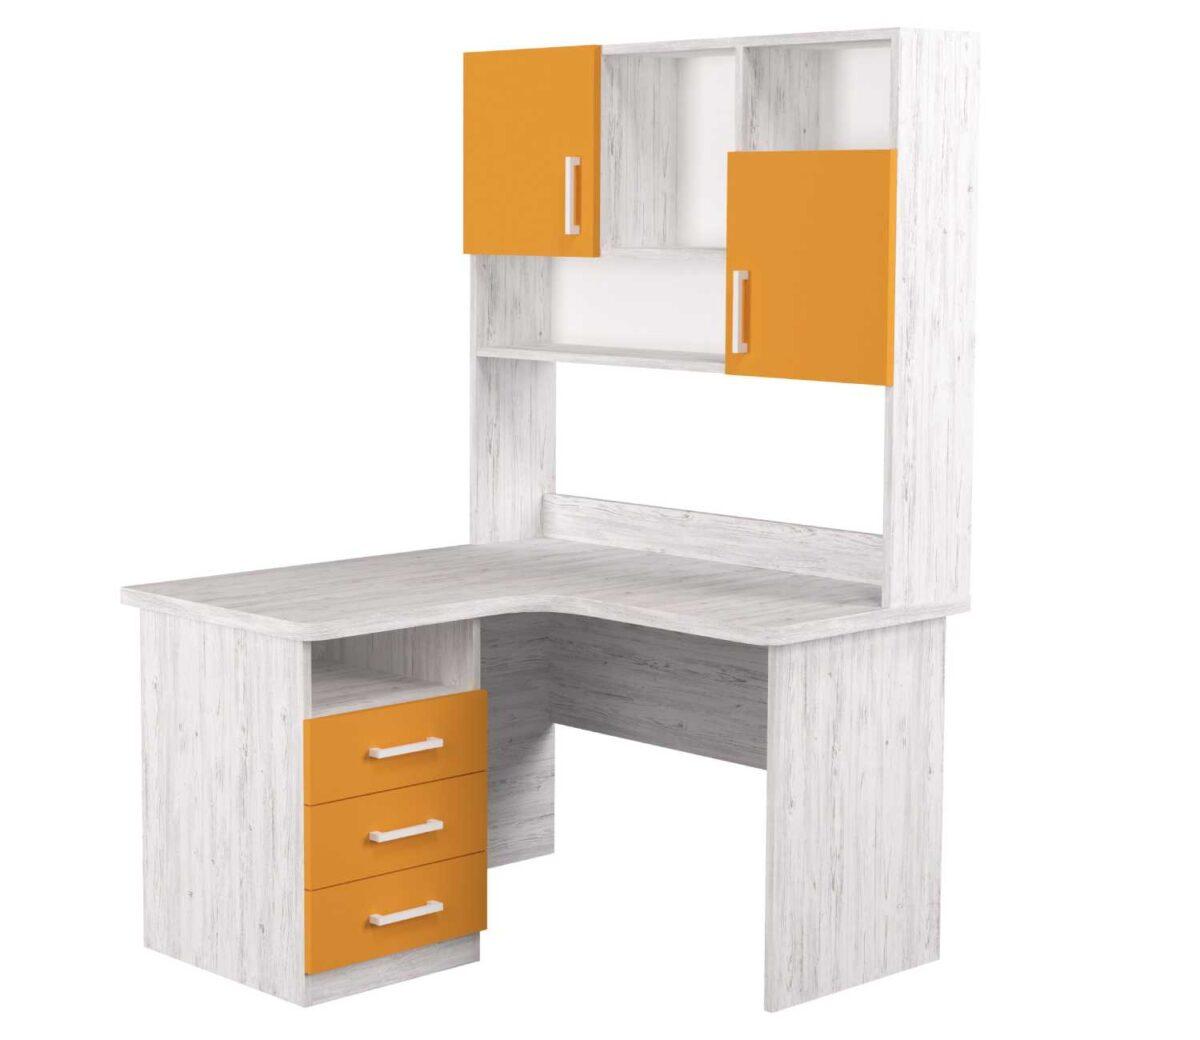 угловой детский стол с надстройкой оранж с 3 ящиками